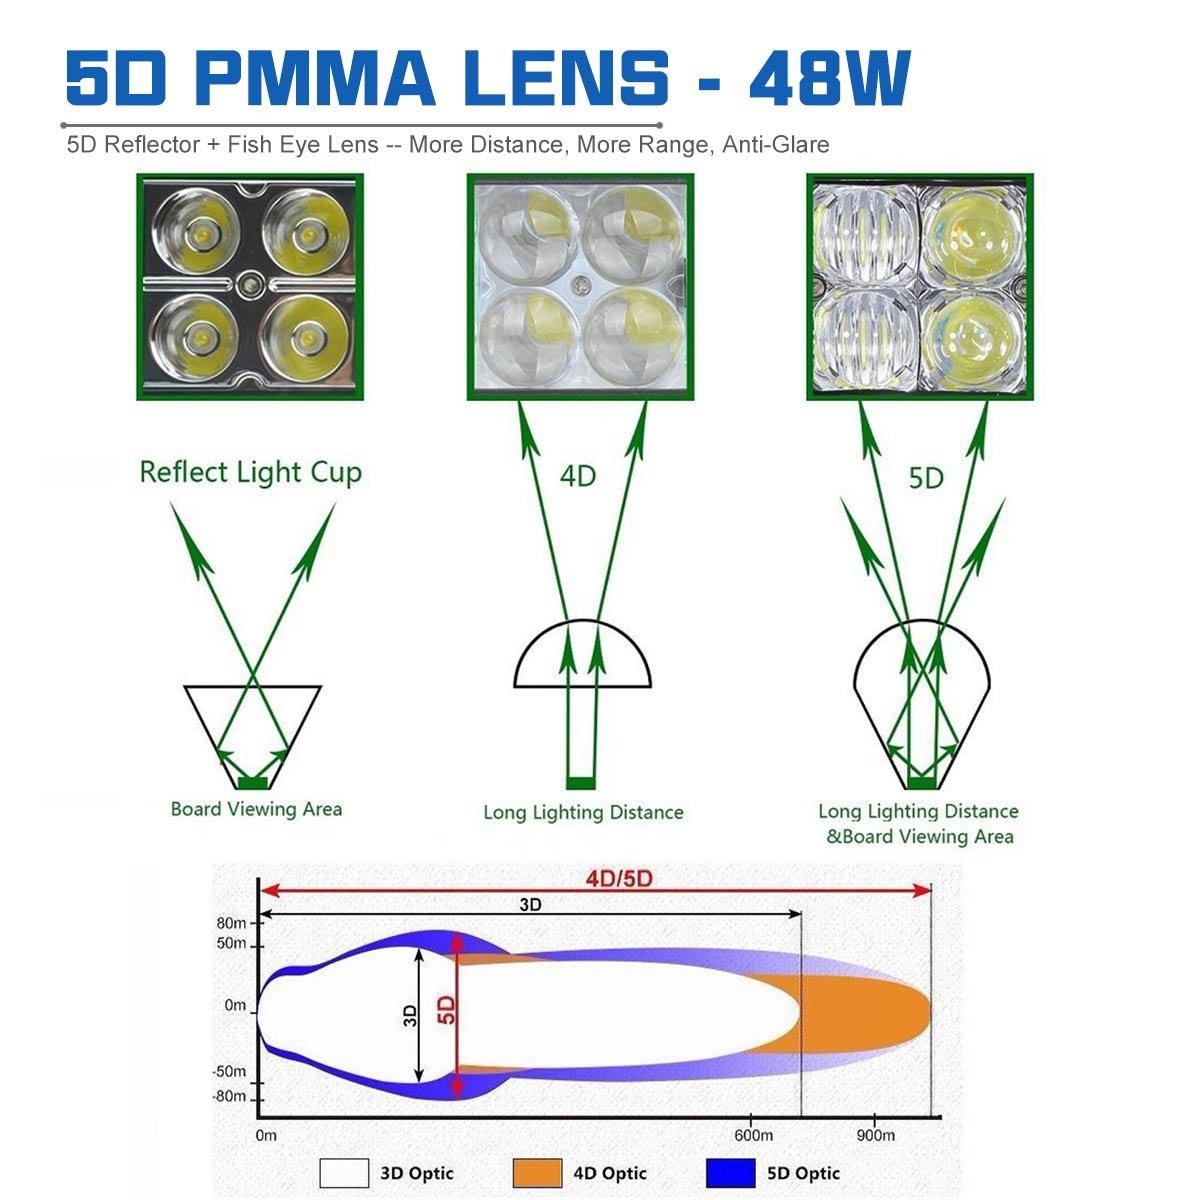 LEMIL 48W 5D Lens LED Work Light 12V Spot Light Driving Fog Light Off Road Spot Beam Lamp Boat Light with Magnetic Base Waterproof Emergency Light for Truck SUV 12V 24V Searchlight by LEMIL (Image #3)